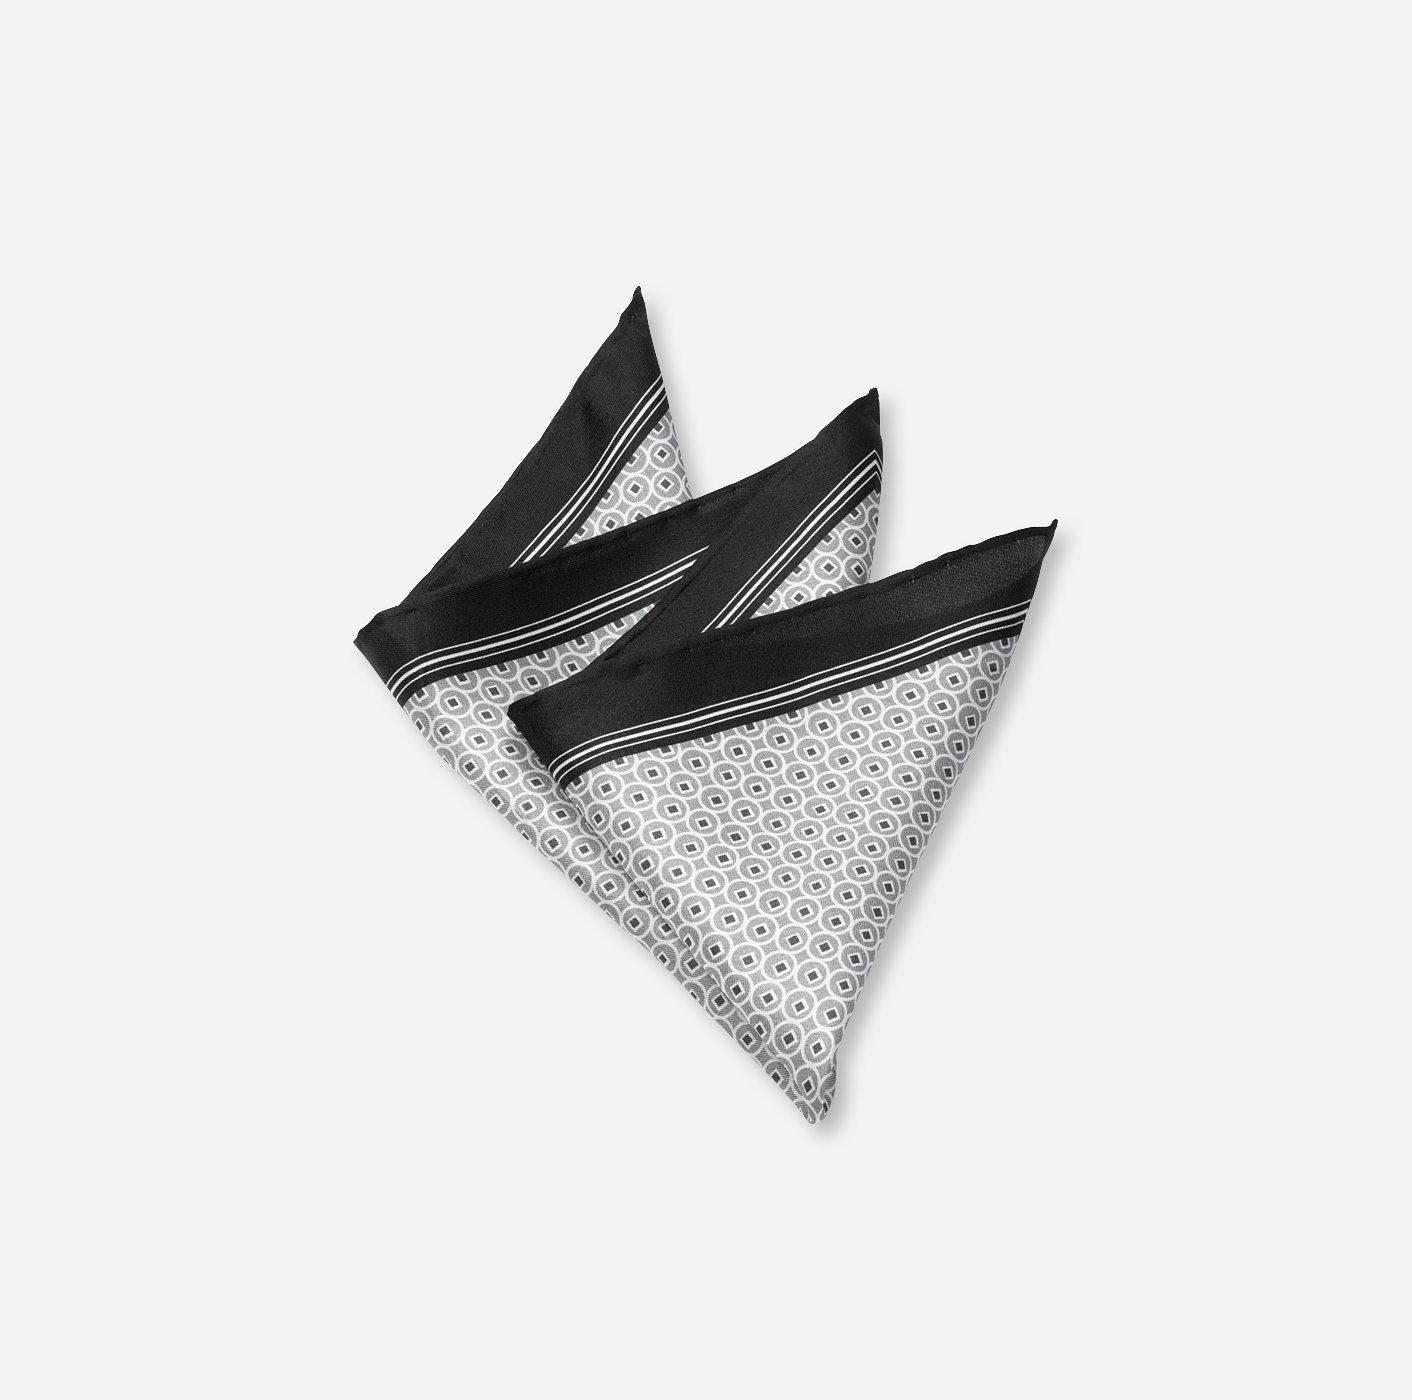 meistverkauft Mode sale OLYMP Einstecktuch 33x33 cm Grau - 17673162N